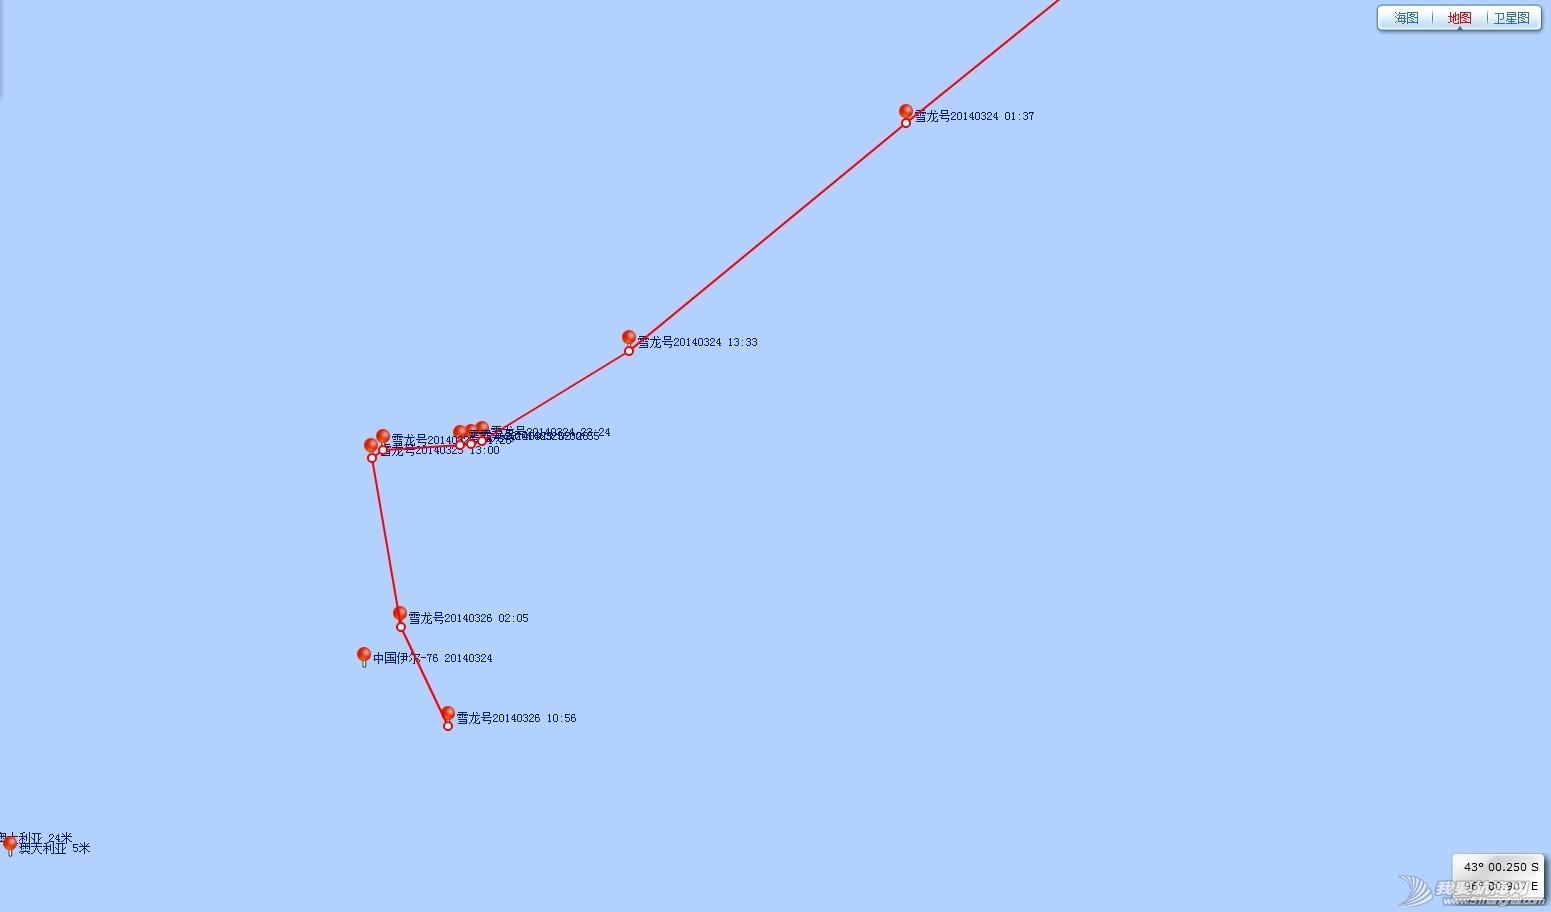 澳大利亚 【雪龙动态】雪龙号从澳大利亚出发搜寻MH370失联客机 QQ图片20140326135933.jpg